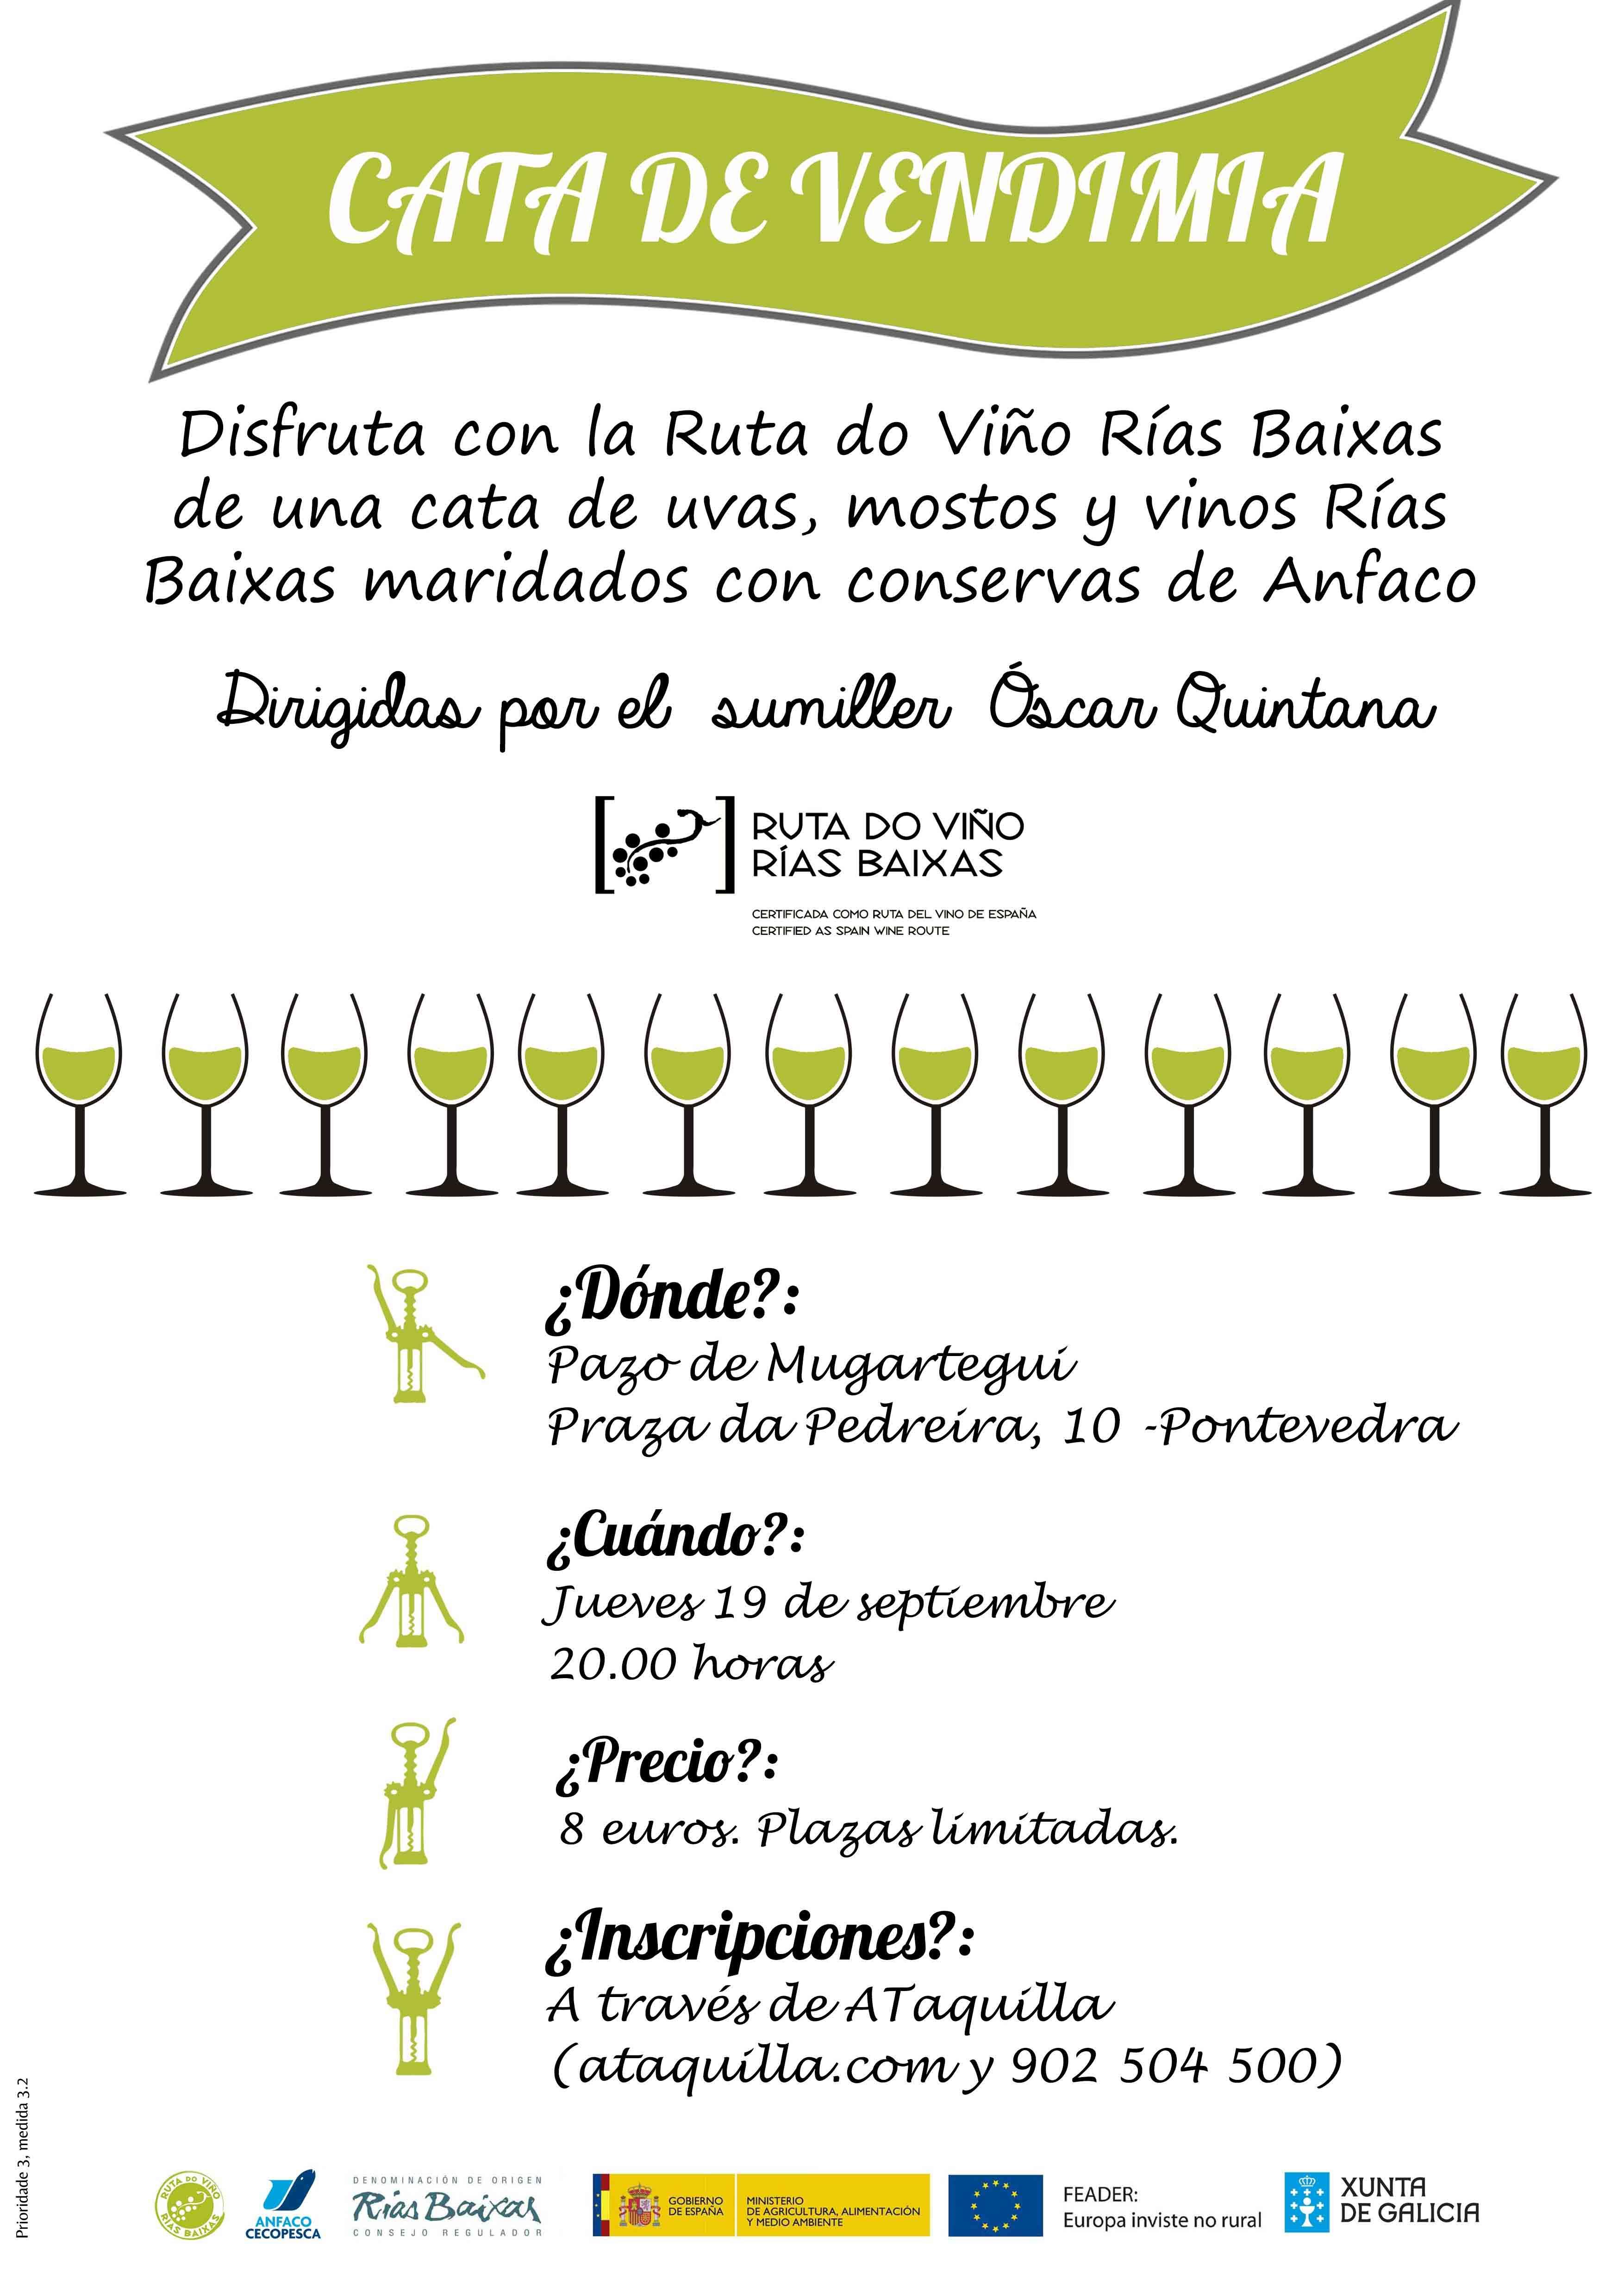 La Ruta do Viño Rías Baixas programa su 'Cata de Vendimia' para el 19 de septiembre